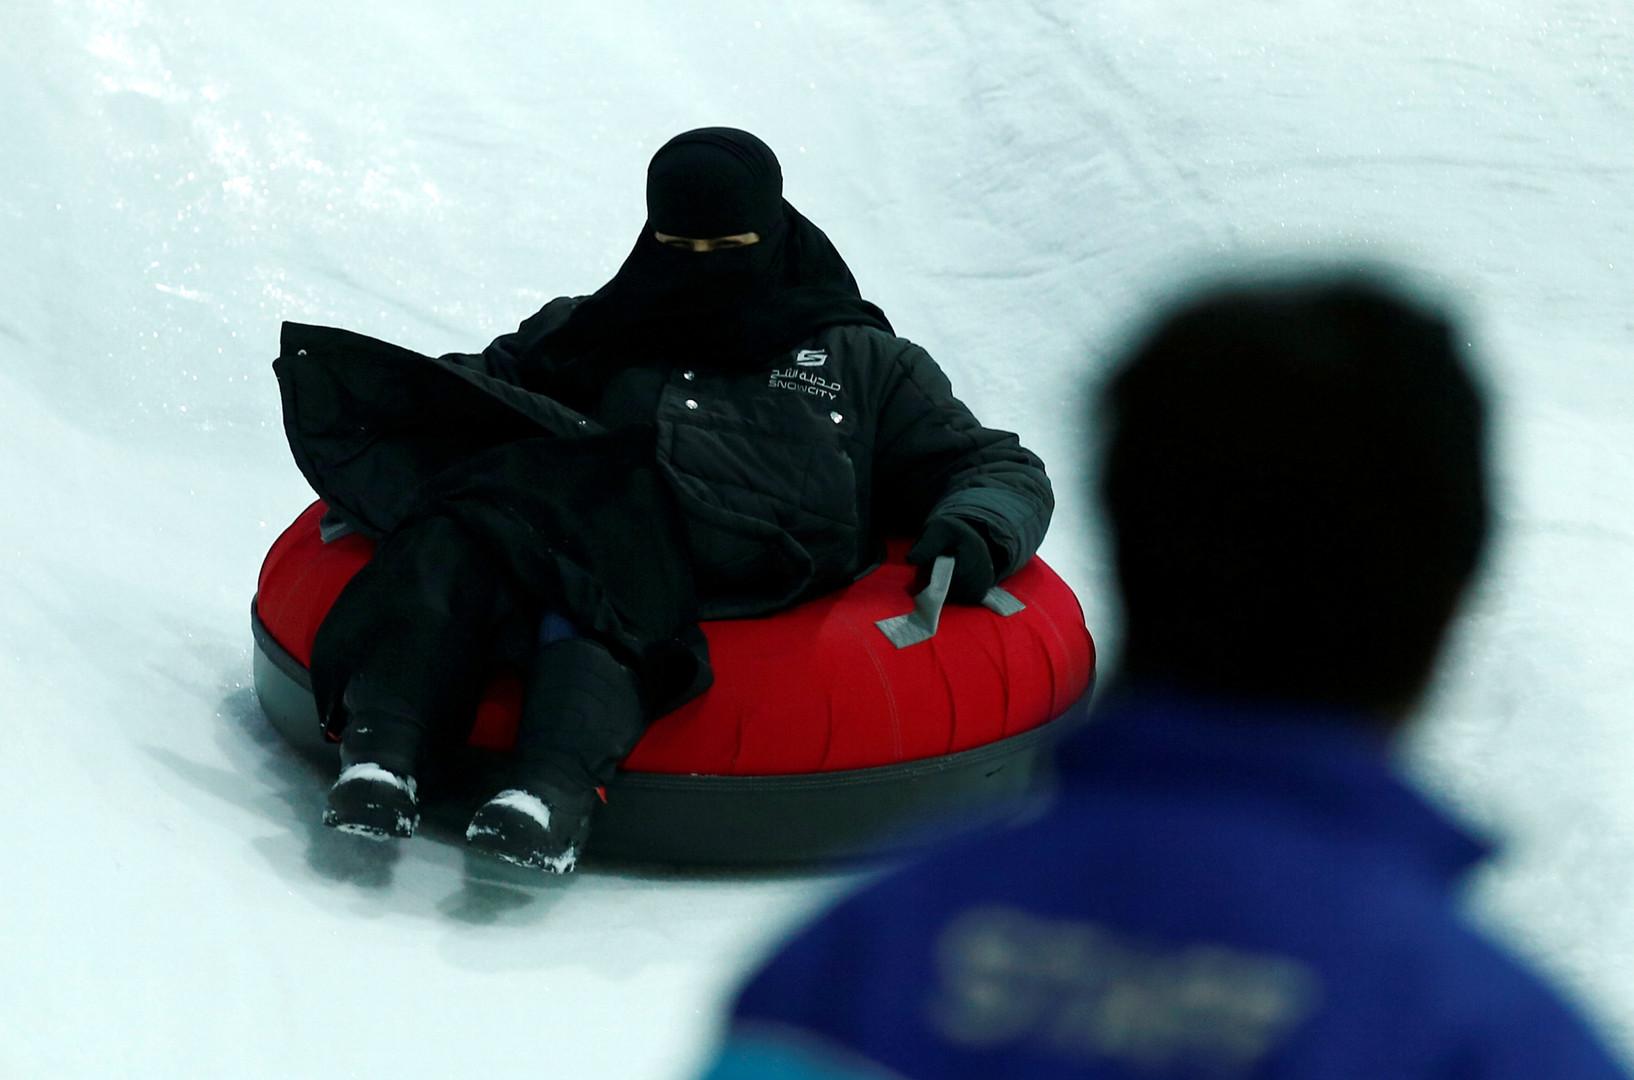 مدينة الثلج تفتح أبوابها في قلب الرياض اللاهب (4)